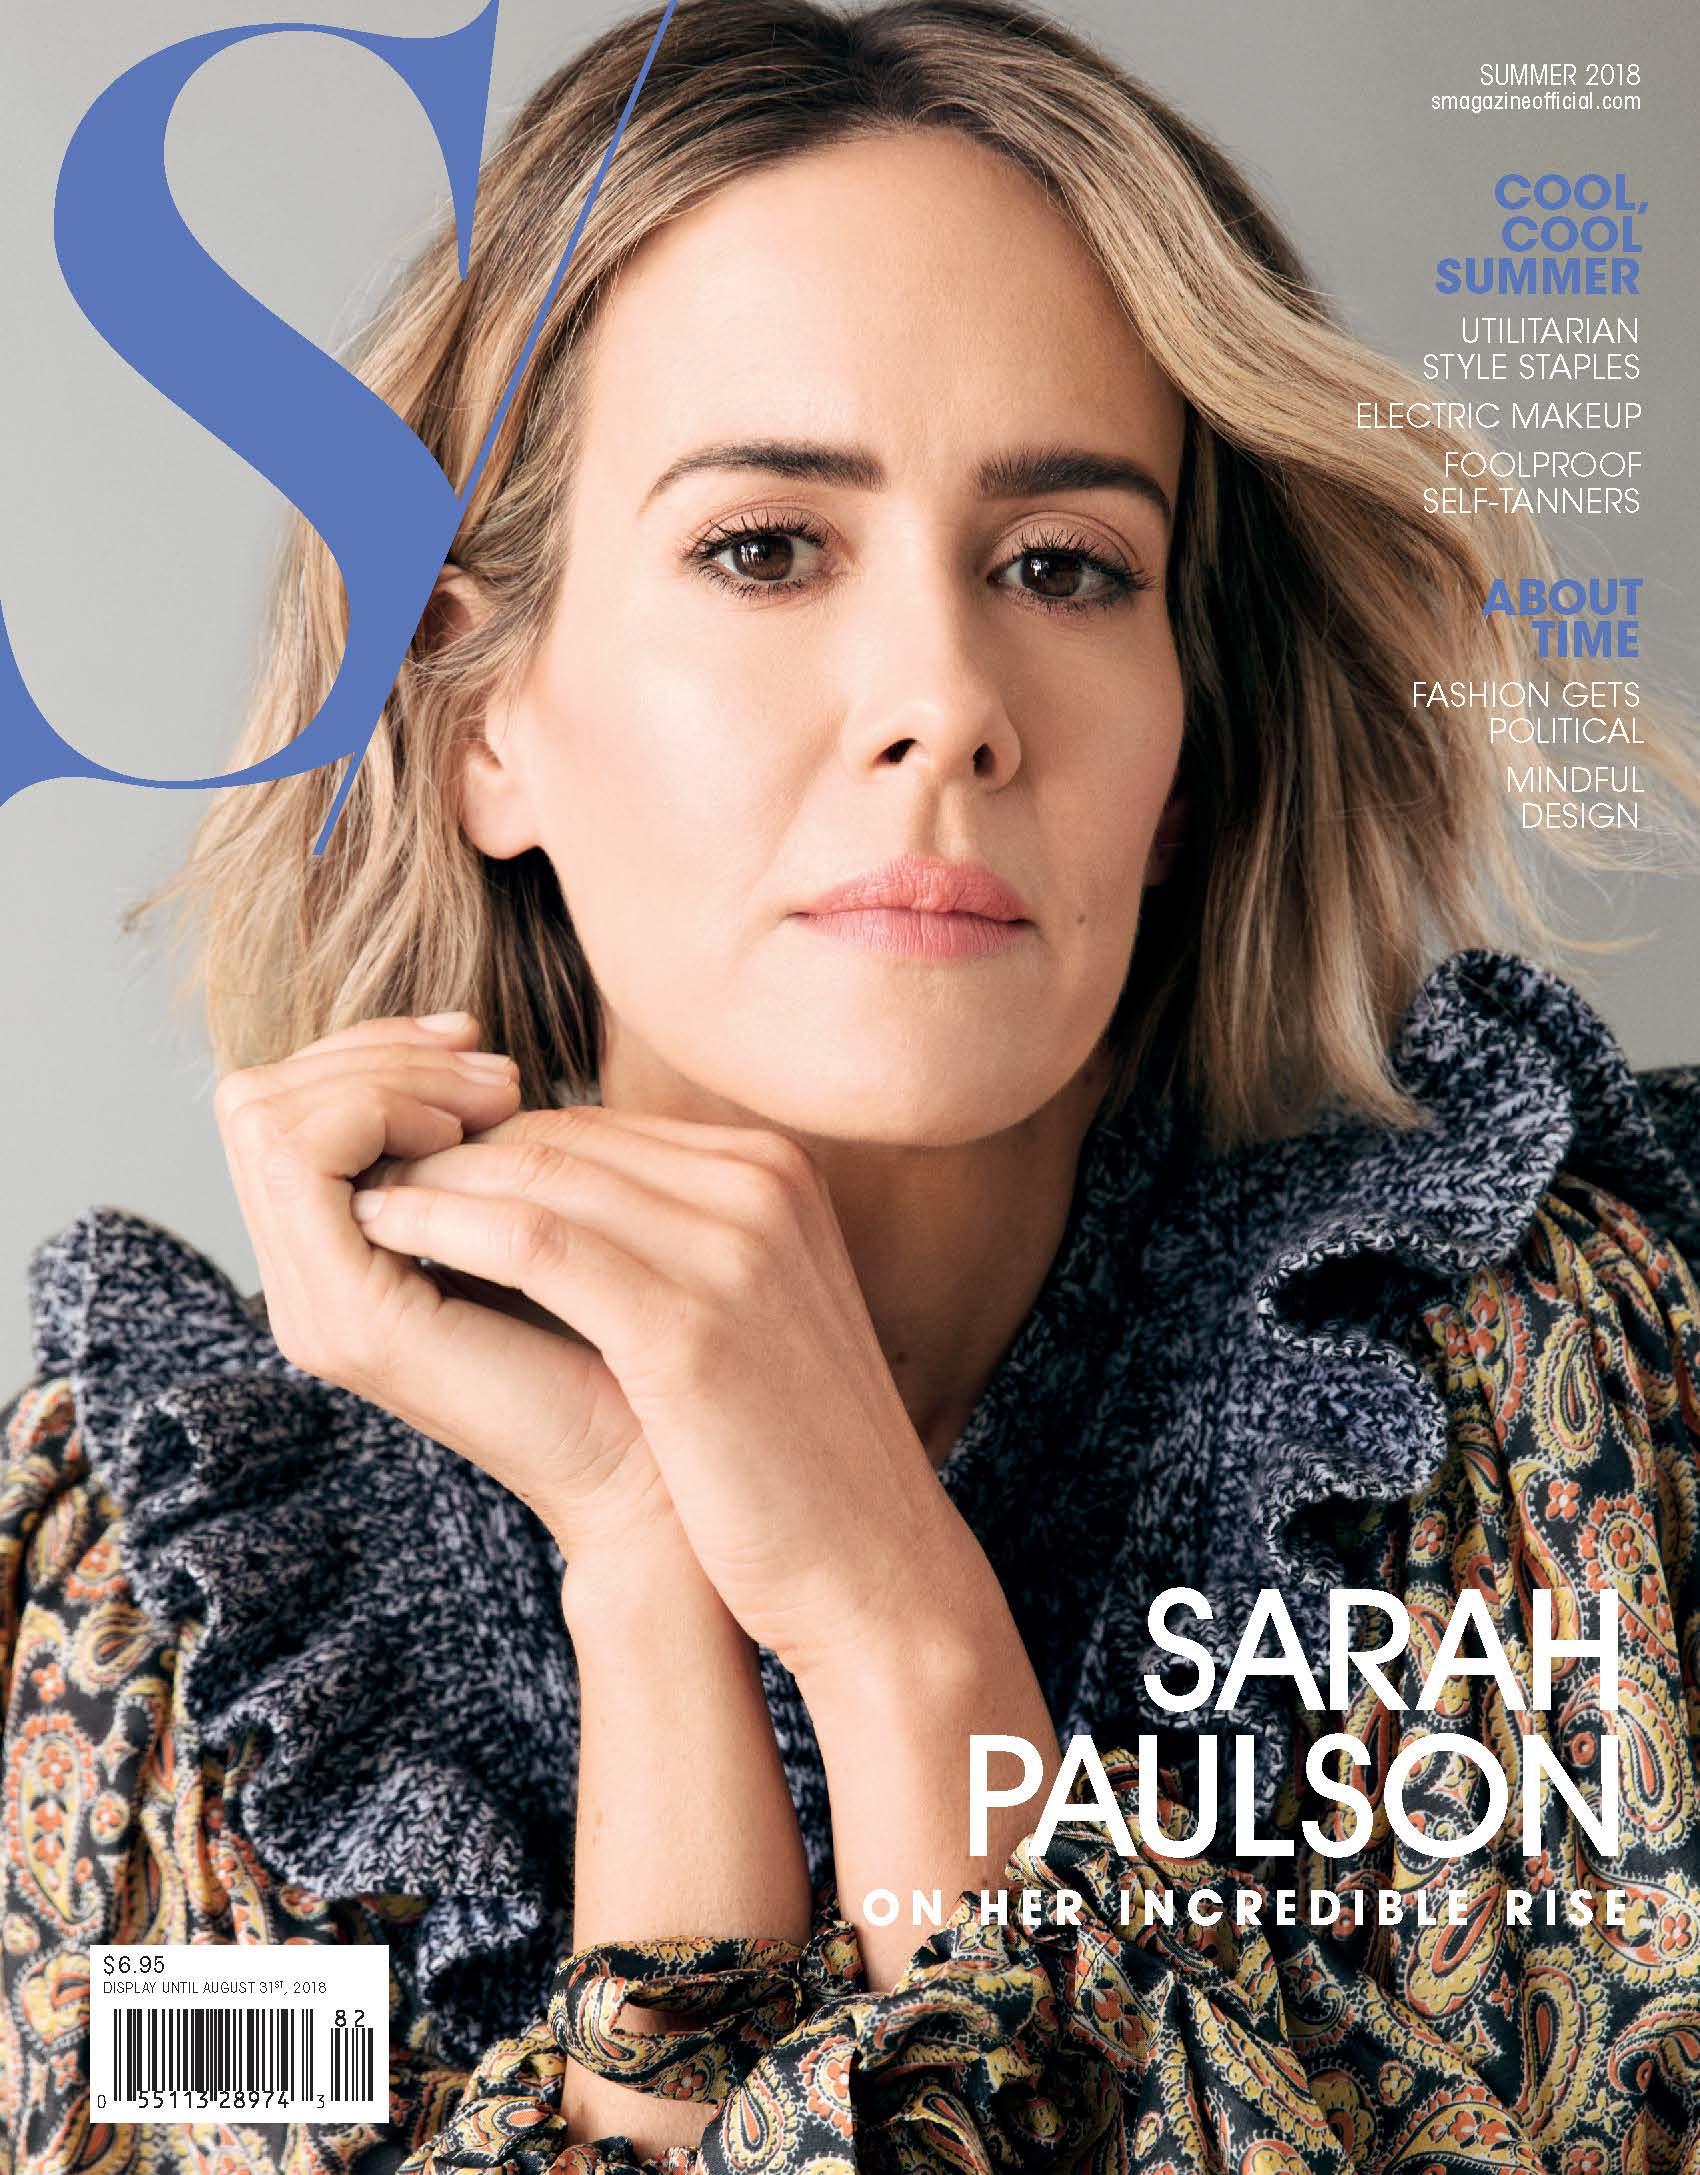 S Summer 2018 - Sarah Paulson - HI RES_Page_1.jpg